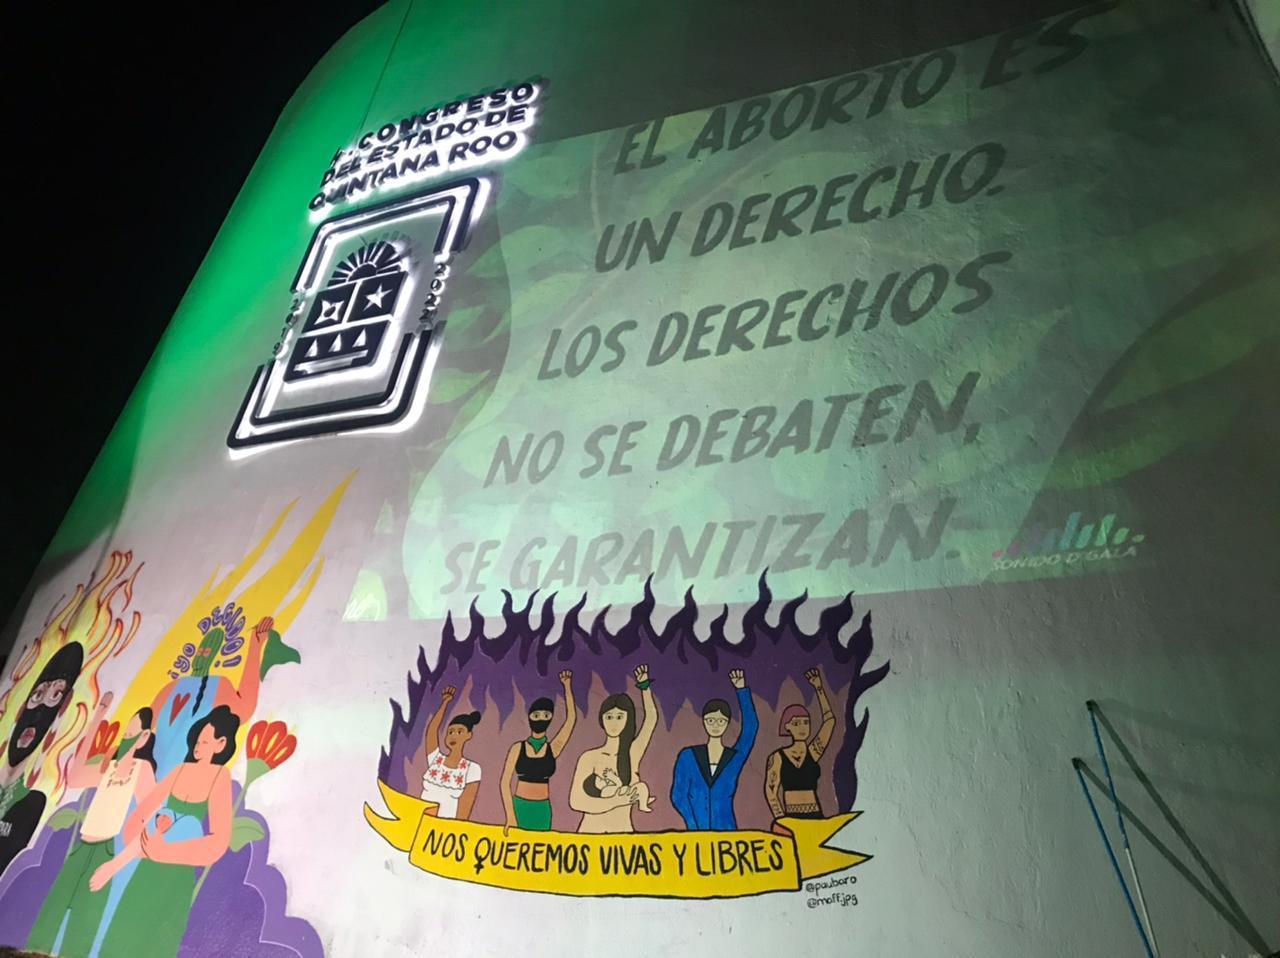 Con ocho votos a favor y 12 en contra, el Congreso de Quintana Roo rechazó este martes la despenalización del aborto